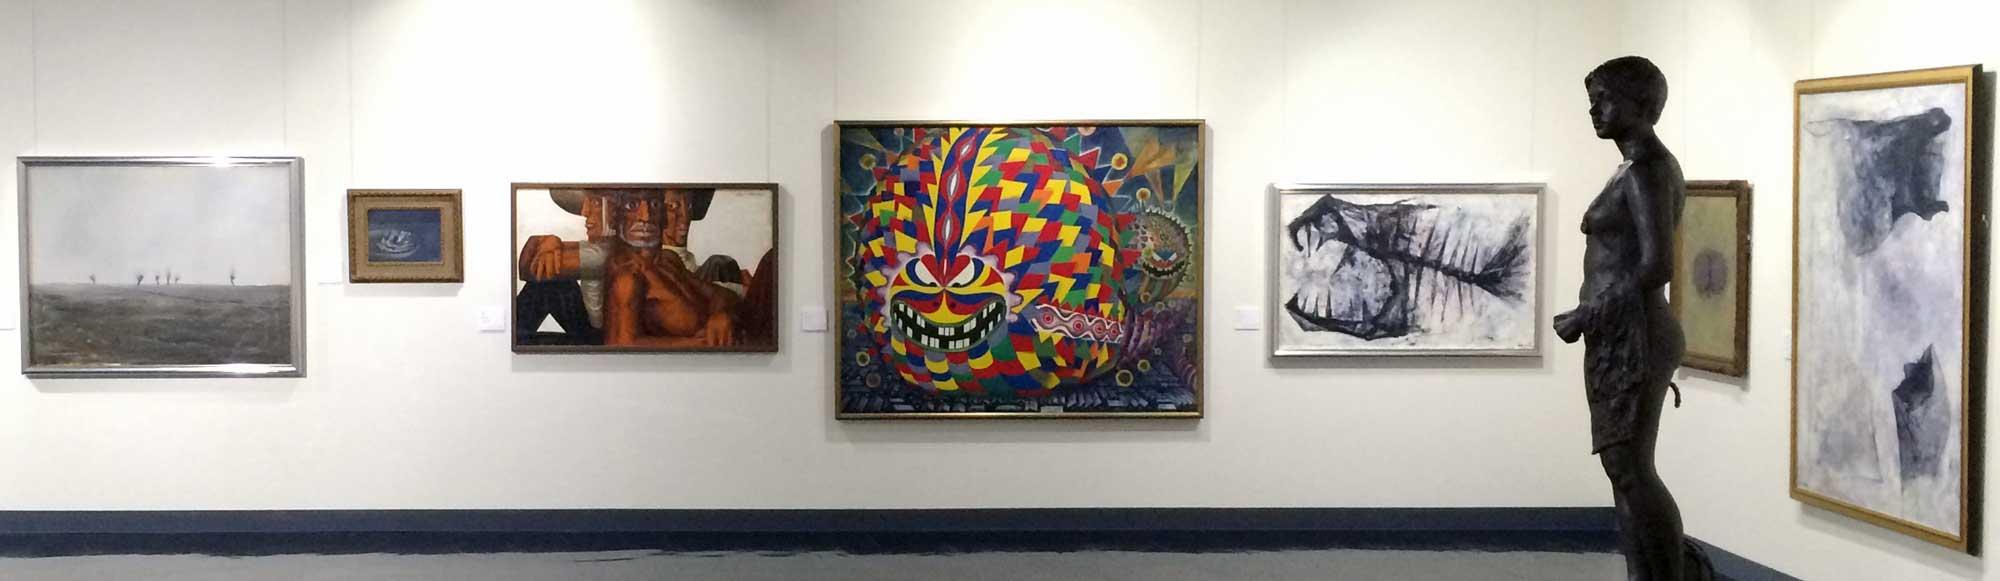 第三展示室1